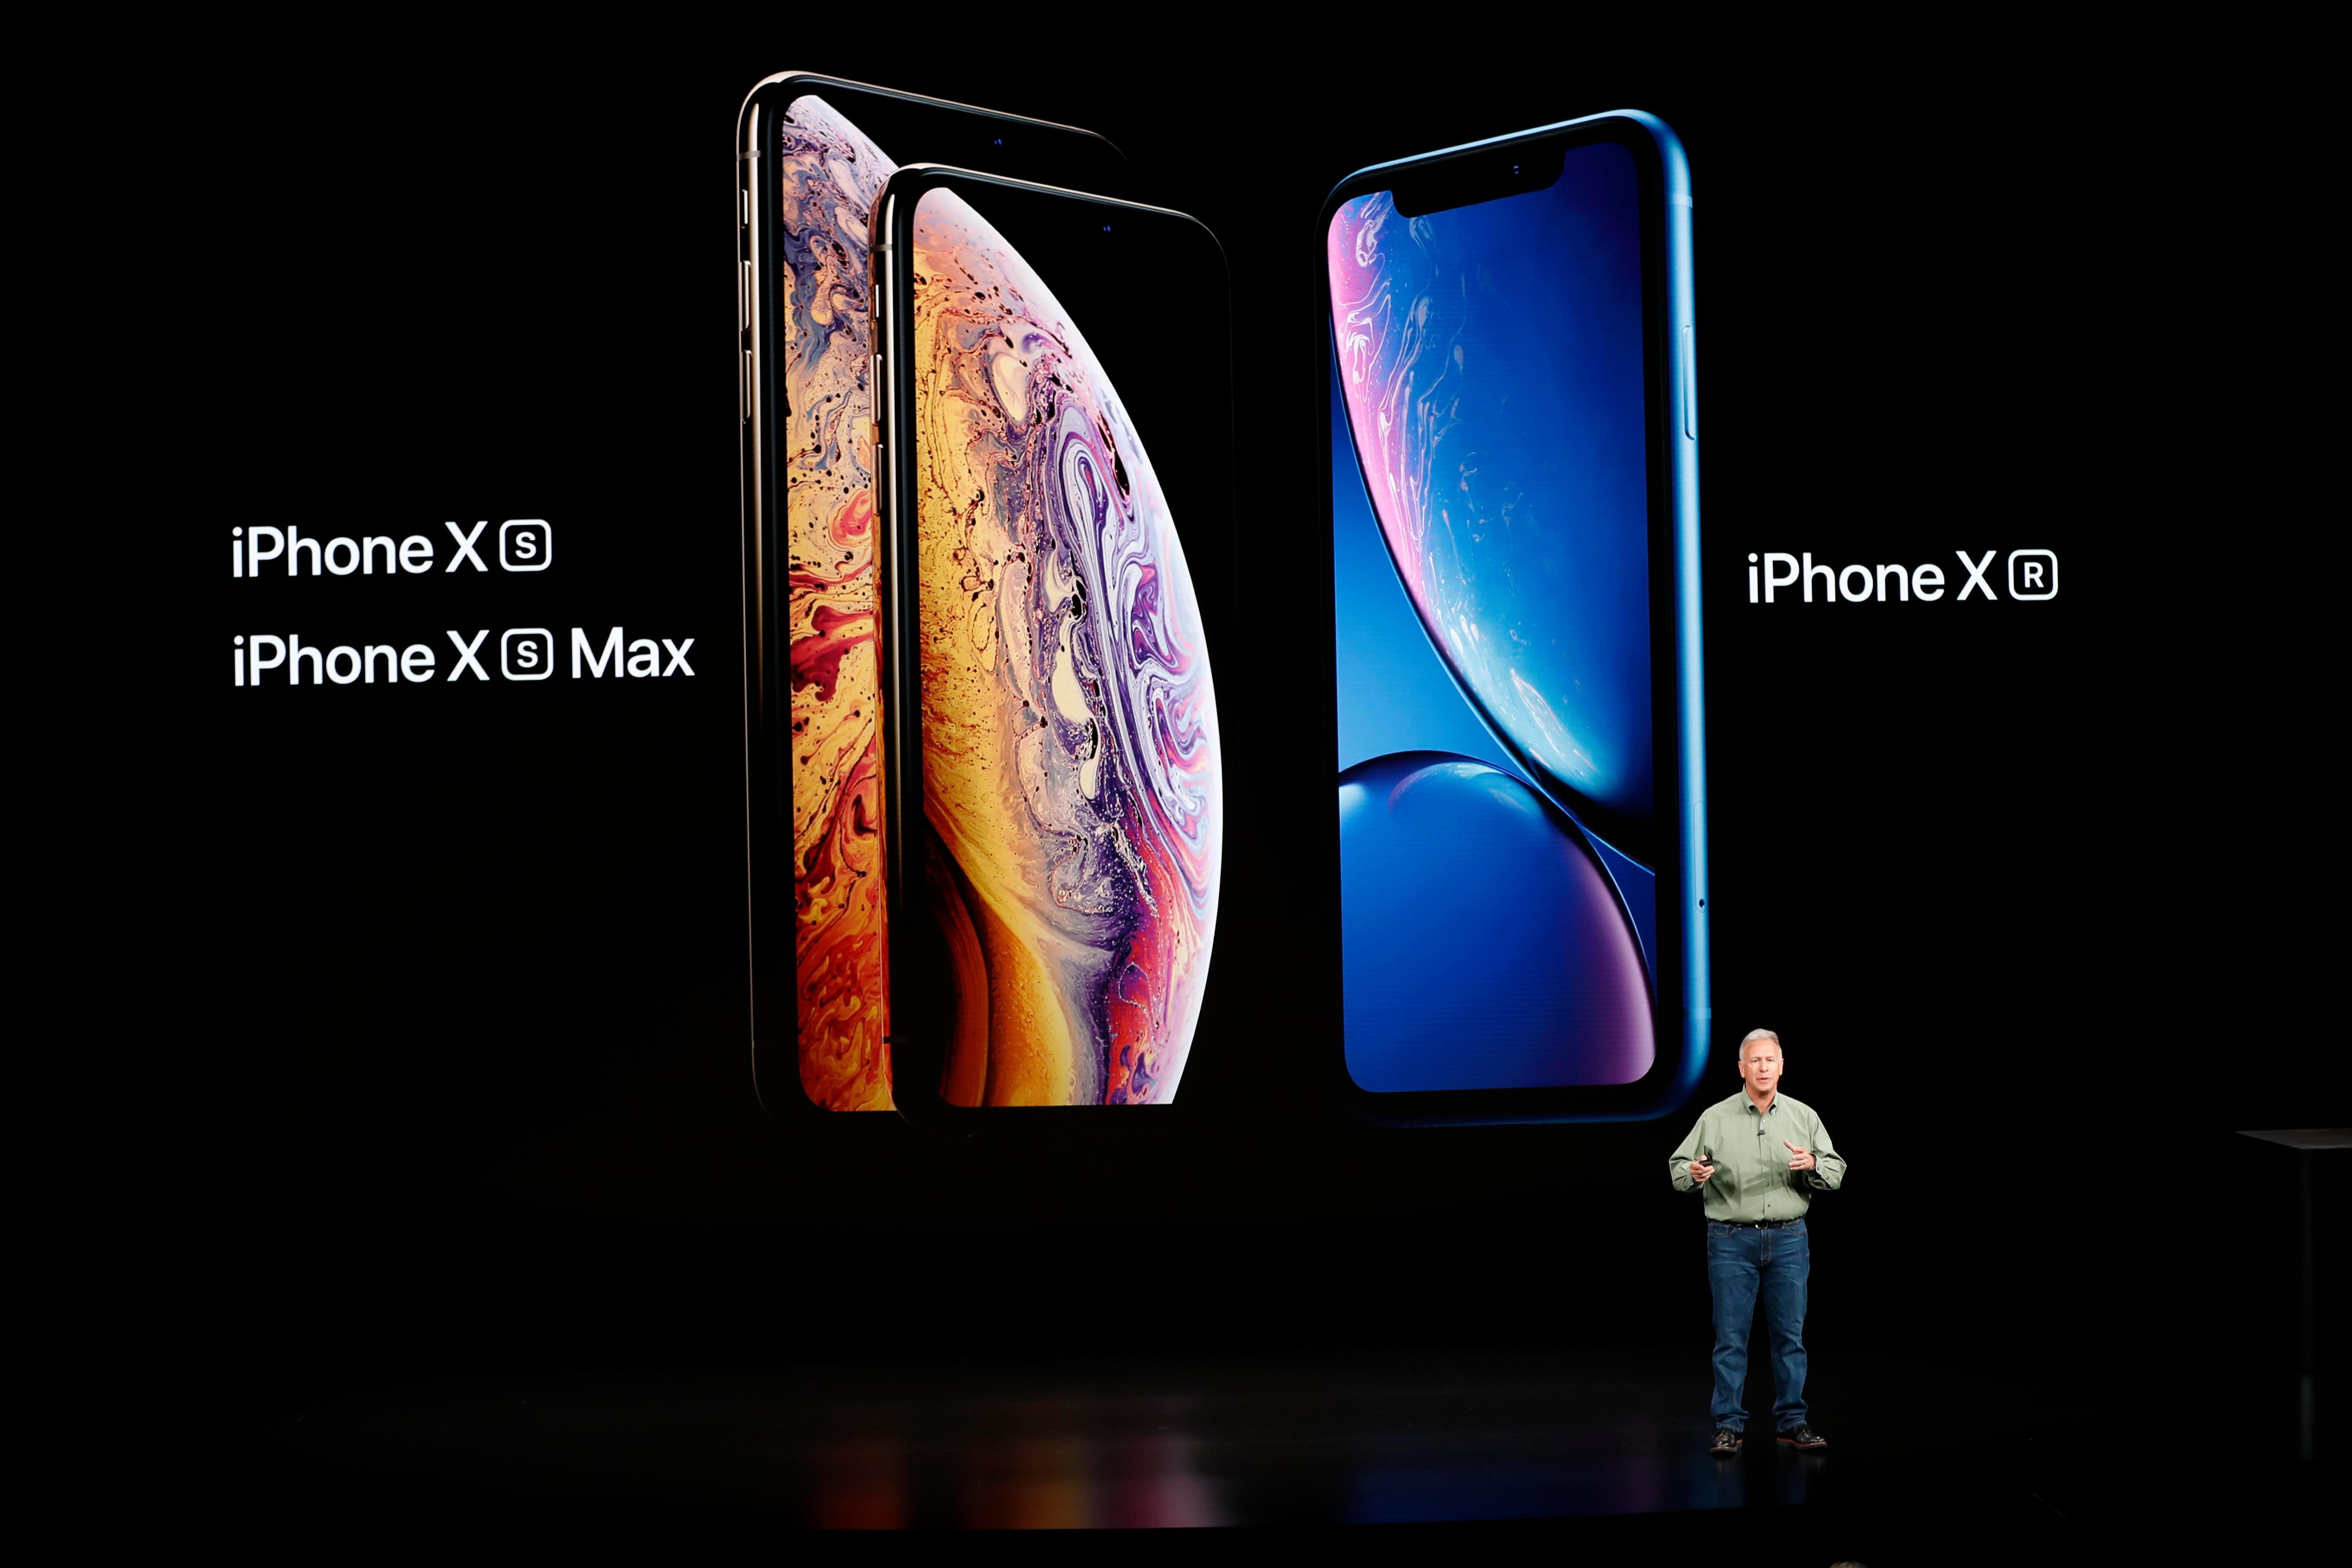 السنوات الاخيرة Apple شهد الحدث مقدمة من ثلاثة نماذج جديدة iPhone